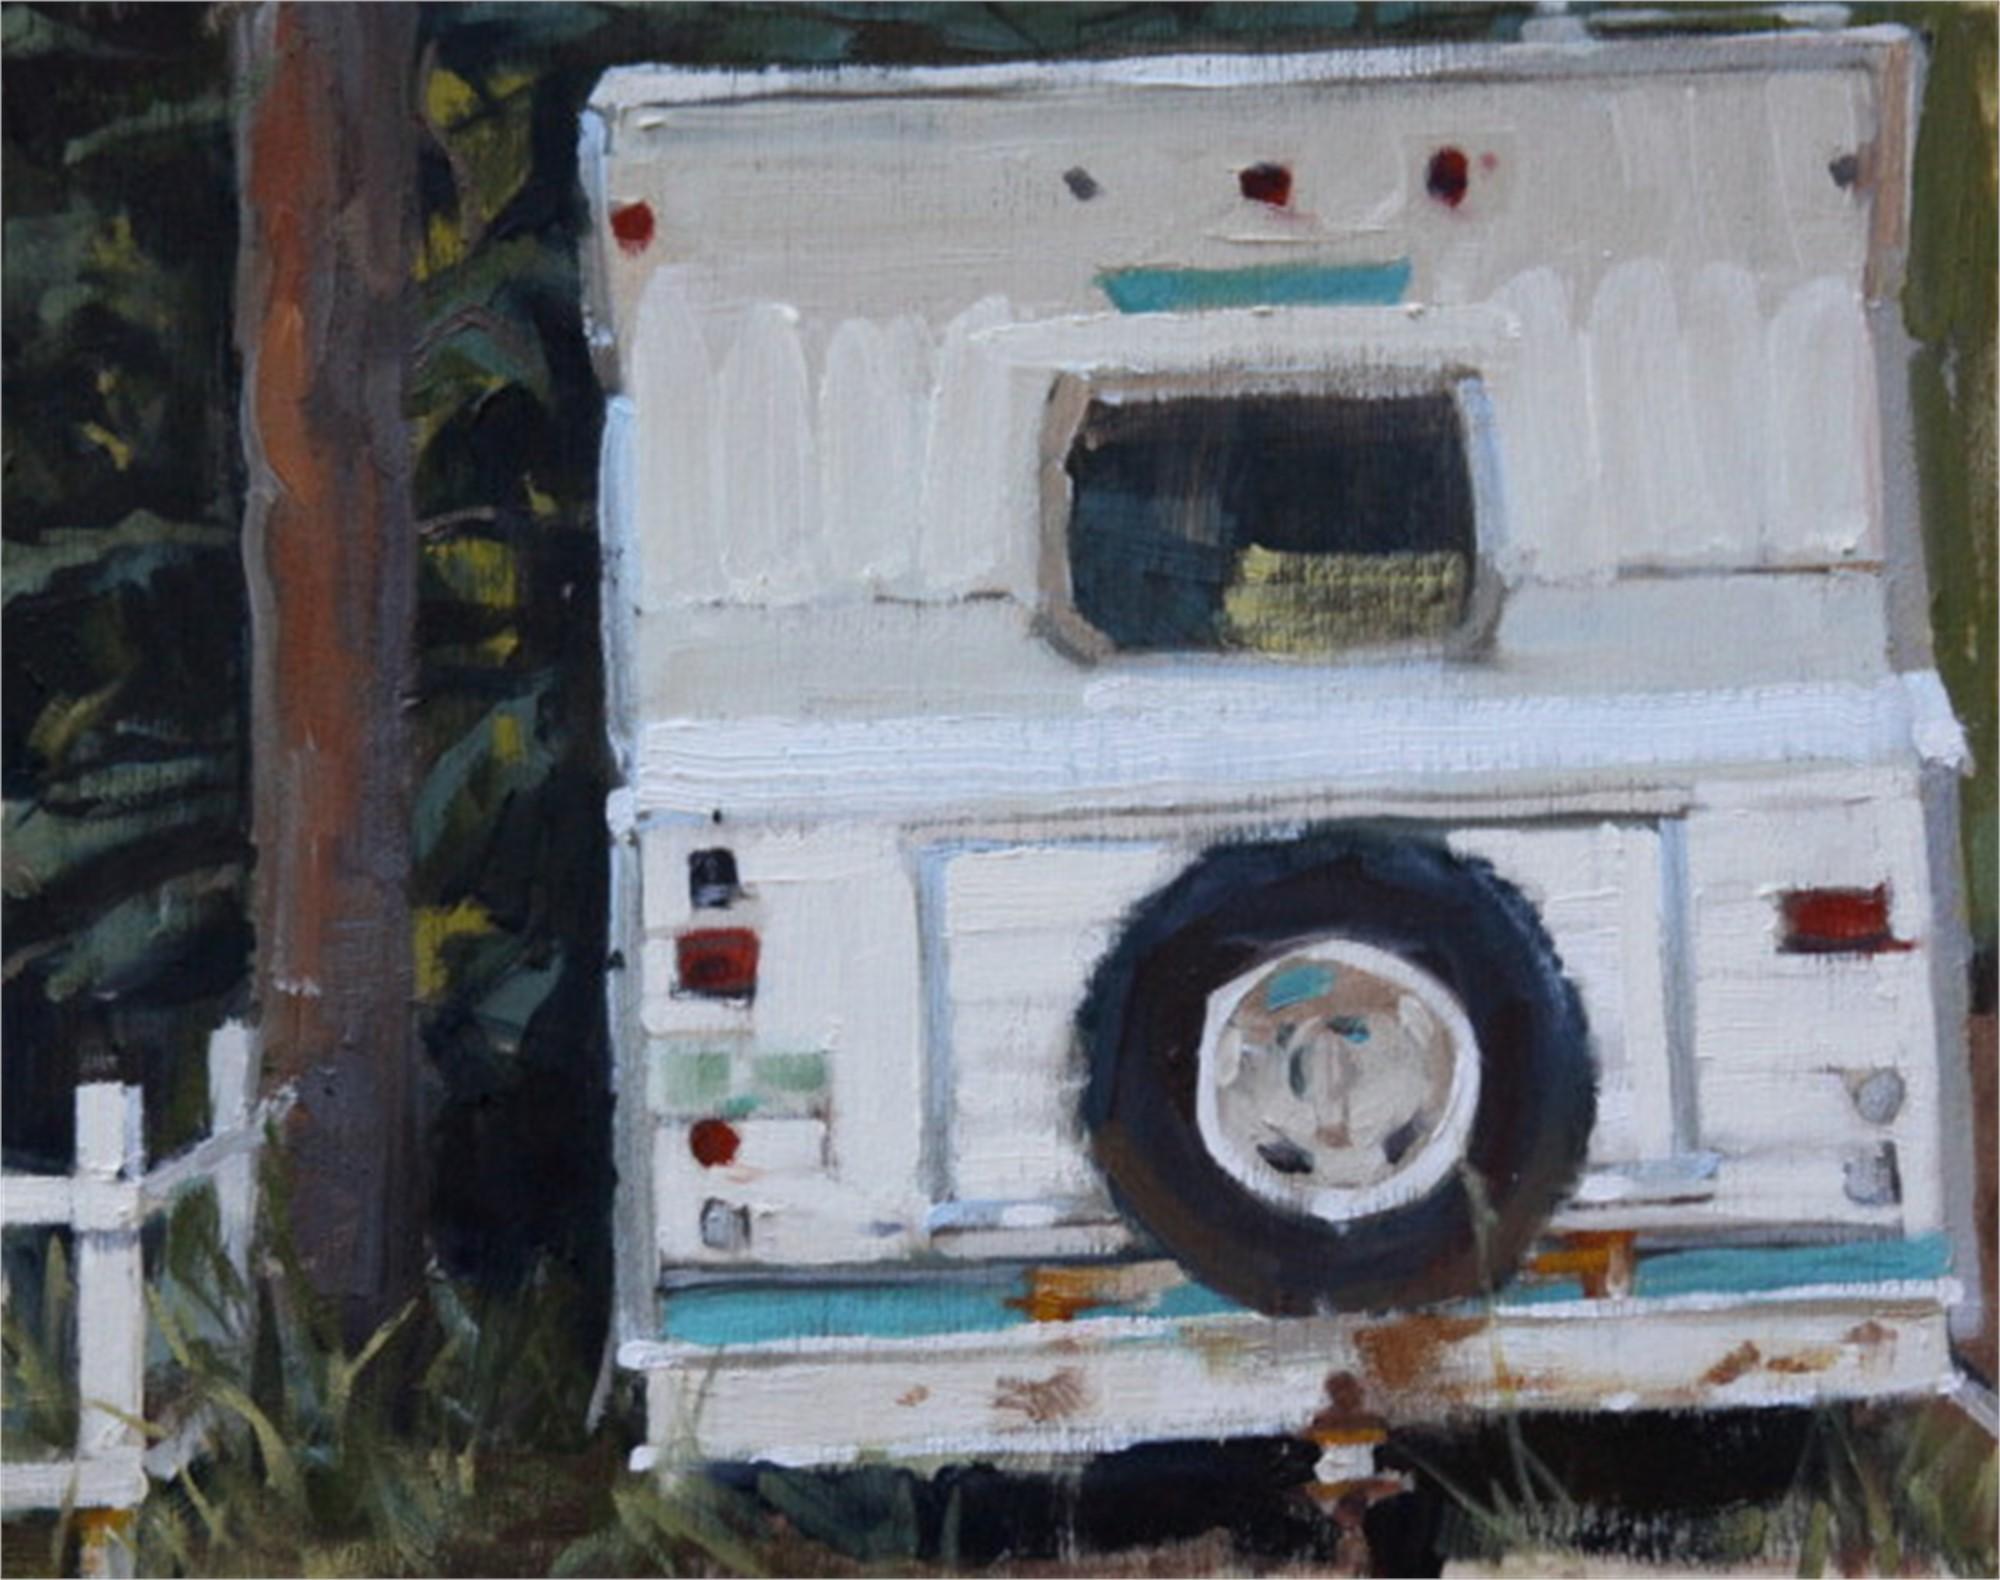 L.J.'s Getaway by Stephanie Hartshorn